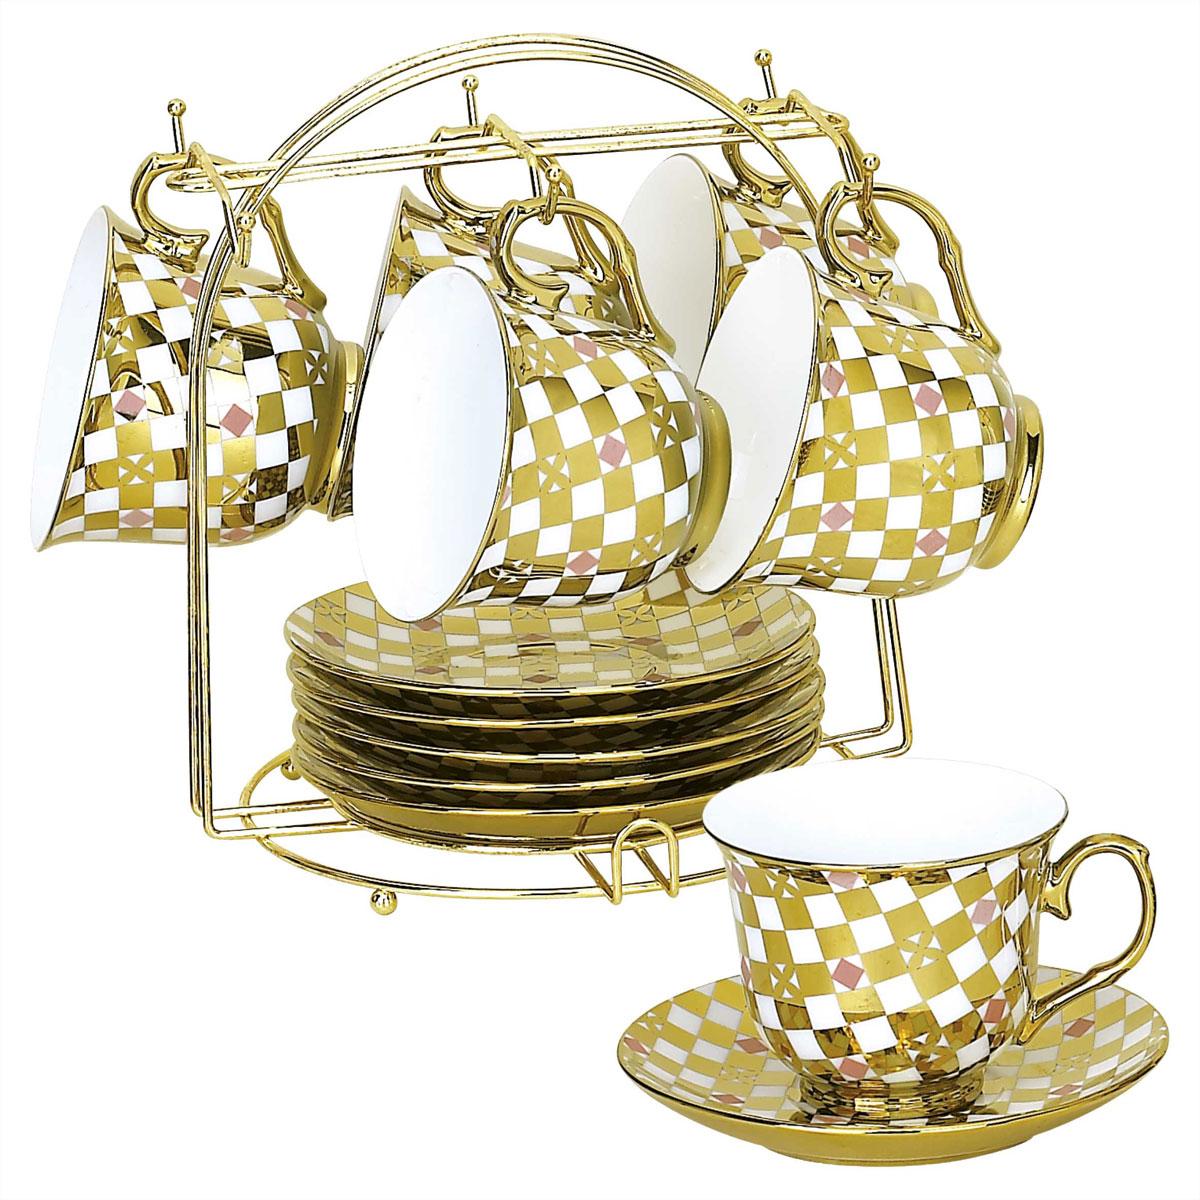 Набор чайный Bekker, 13 предметов. BK-5920 (8)115510Чайный набор Bekker состоит из шести чашек и шести блюдец. Предметы набора изготовлены из высококачественного фарфора и украшены золотистой эмалью. Яркий орнамент в шахматном стиле придает набору изысканный внешний вид. В комплекте - металлическая хромированная подставка золотистого цвета с шестью крючками для подвешивания кружек и подставкой для блюдец.Чайный набор яркого и в тоже время лаконичного дизайна украсит интерьер кухни. Прекрасно подойдет как для торжественных случаев, так и для ежедневного использования.Подходит для мытья в посудомоечной машине. Объем чашки: 220 мл. Диаметр чашки (по верхнему краю): 9 см. Высота чашки: 7,5 см. Диаметр блюдца: 14 см. Размер подставки: 19 см х 19 см х 21 см.